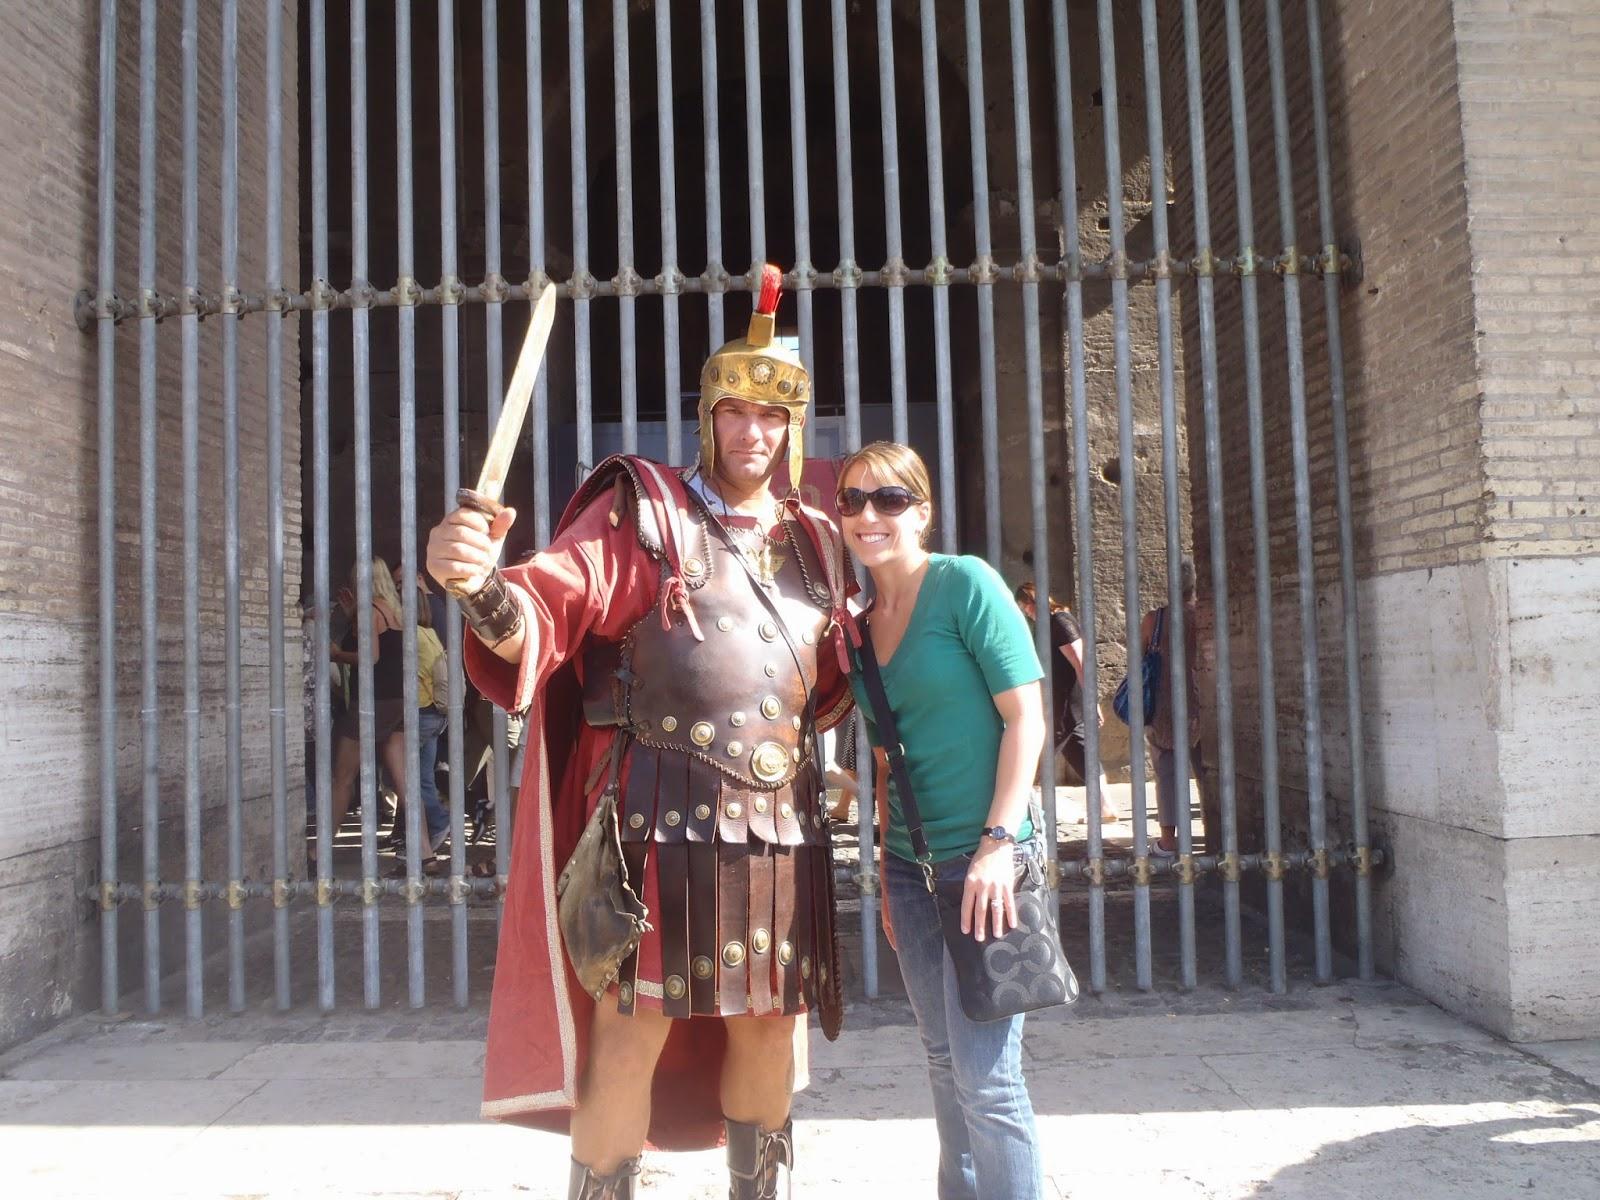 Gladiator colosseum rome